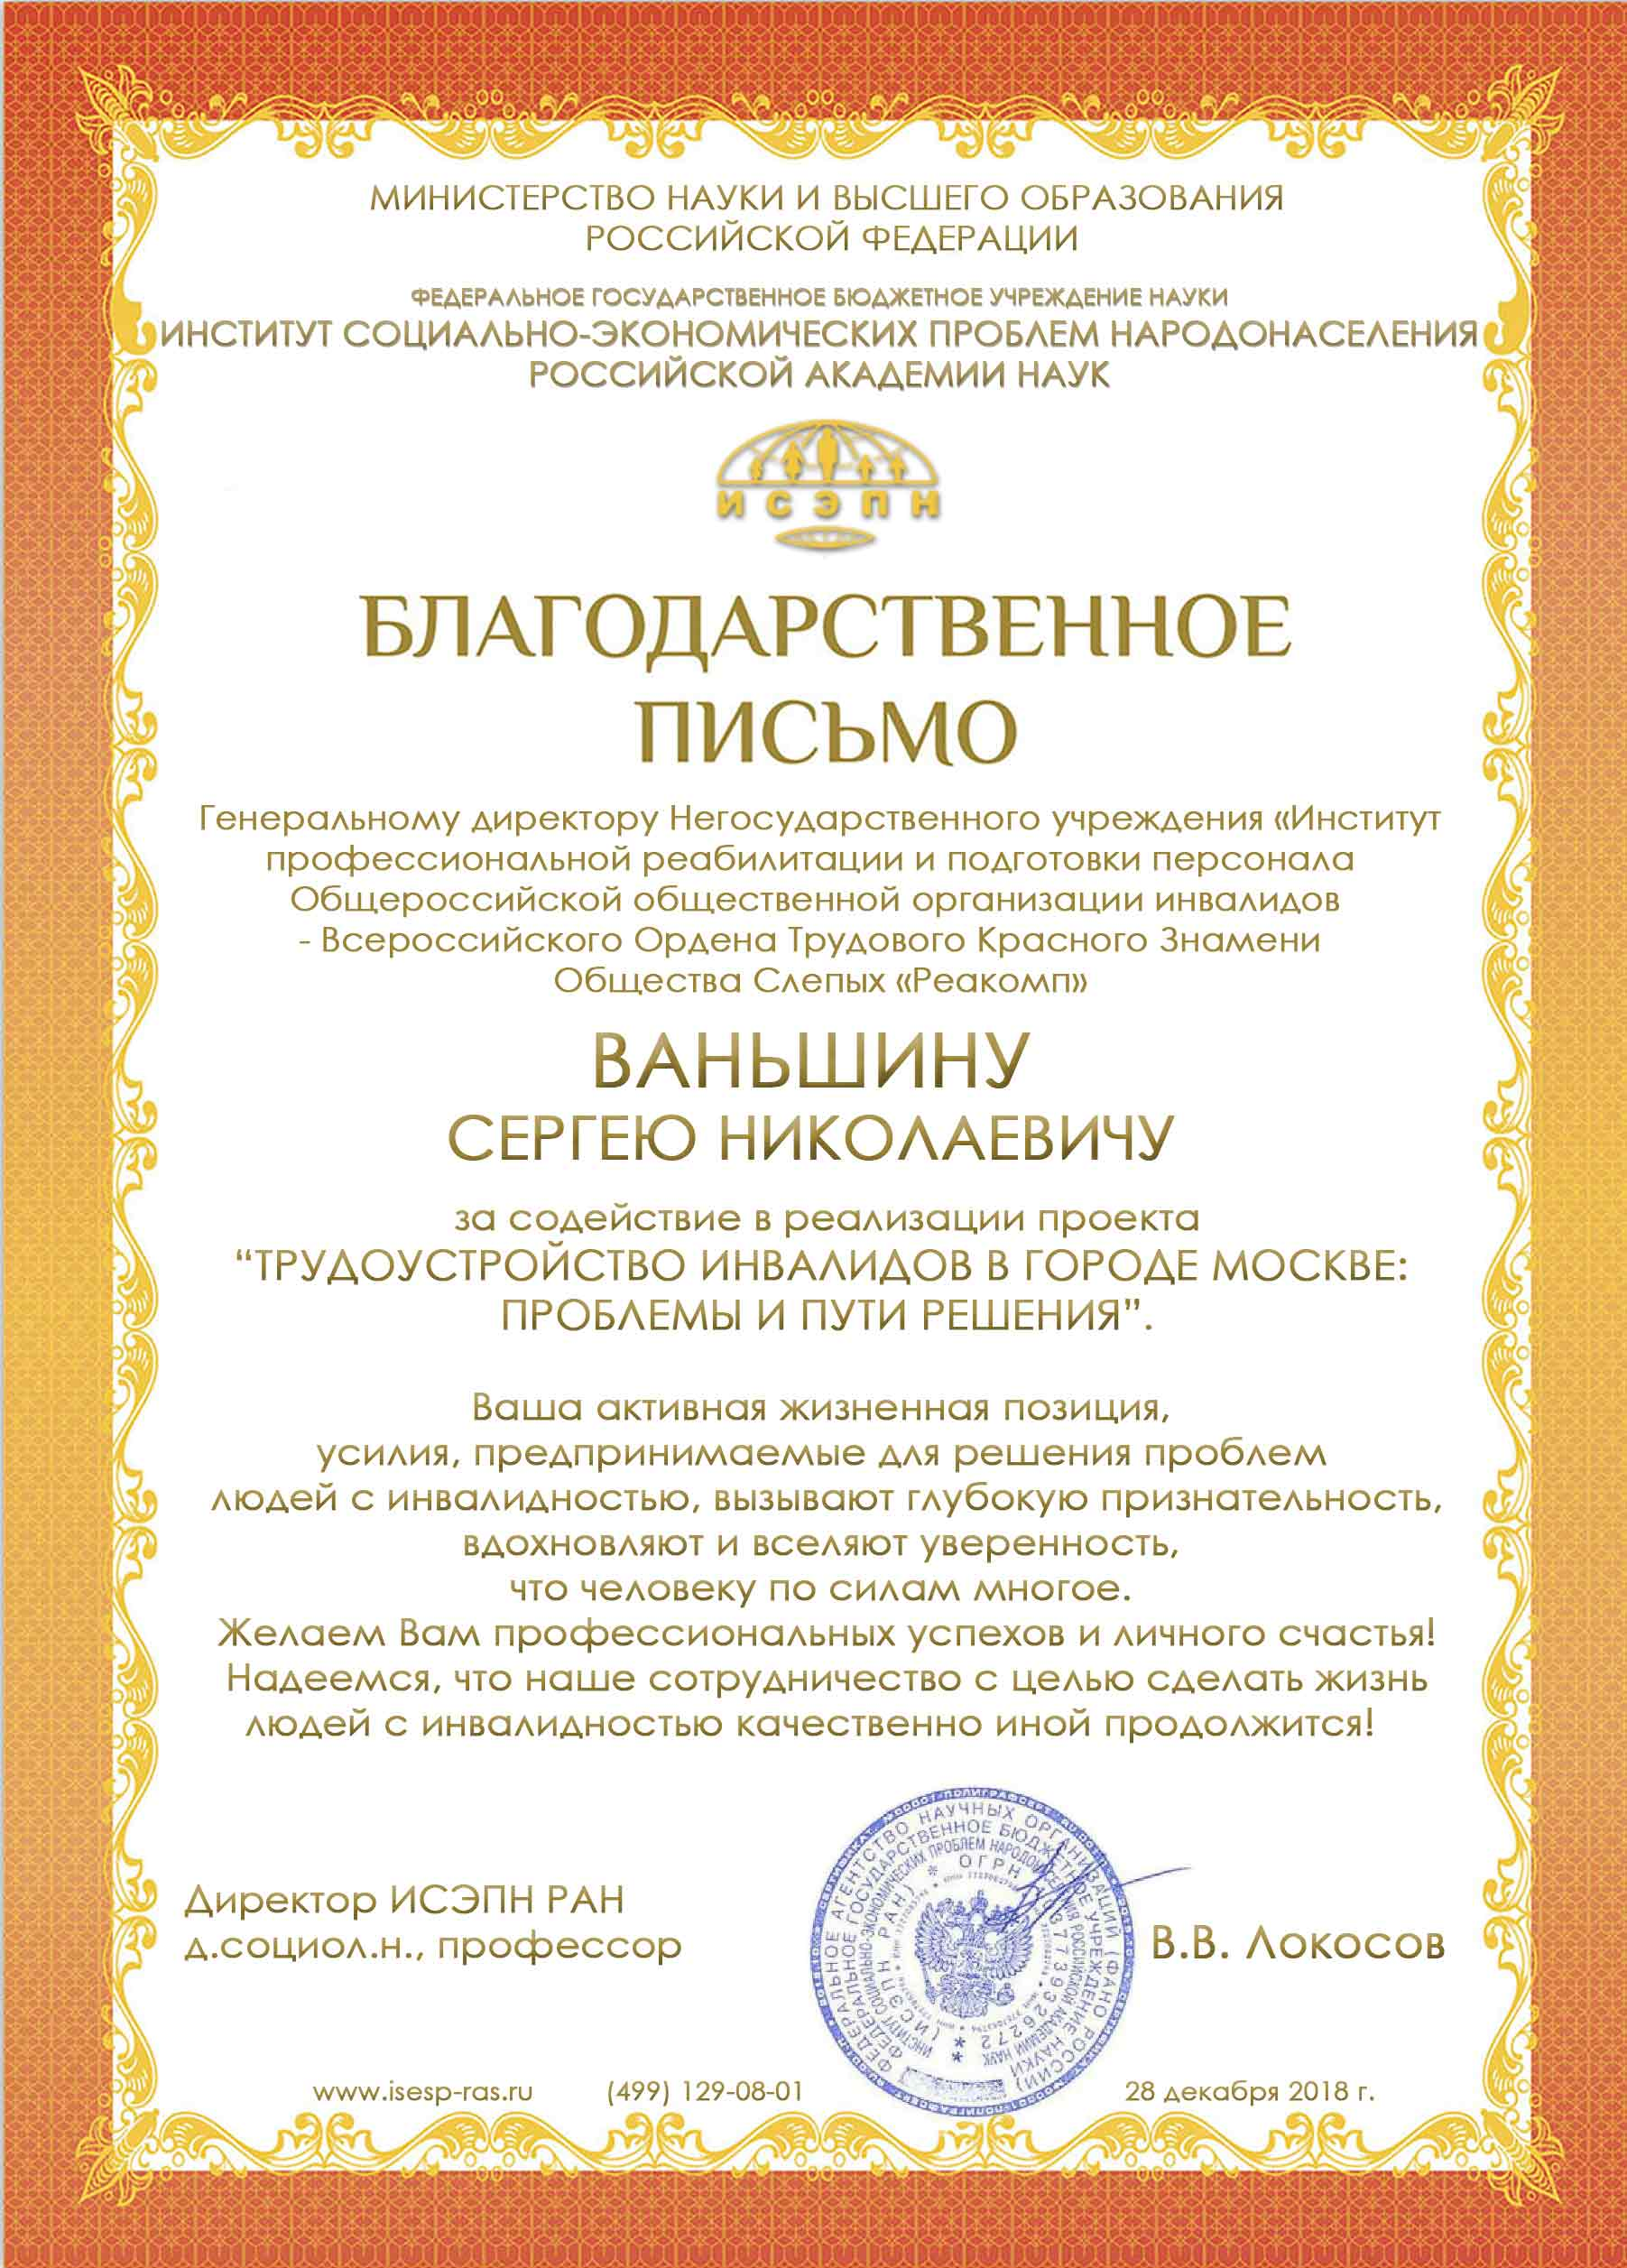 Благодарственное письмо Генеральному директору НУ ИПРПП ВОС «РЕАКОМП» С.Н. Ваньшину